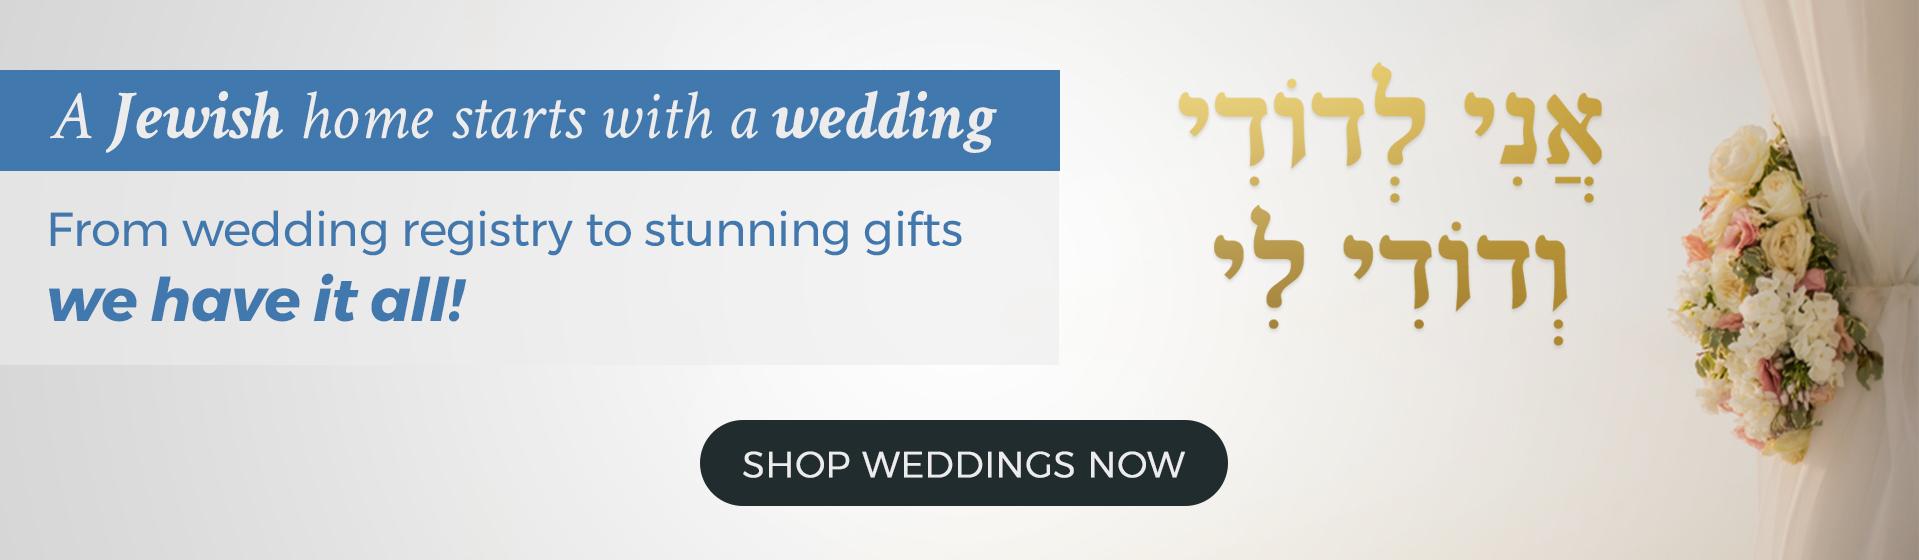 Shop Weddings at Judaica.com!